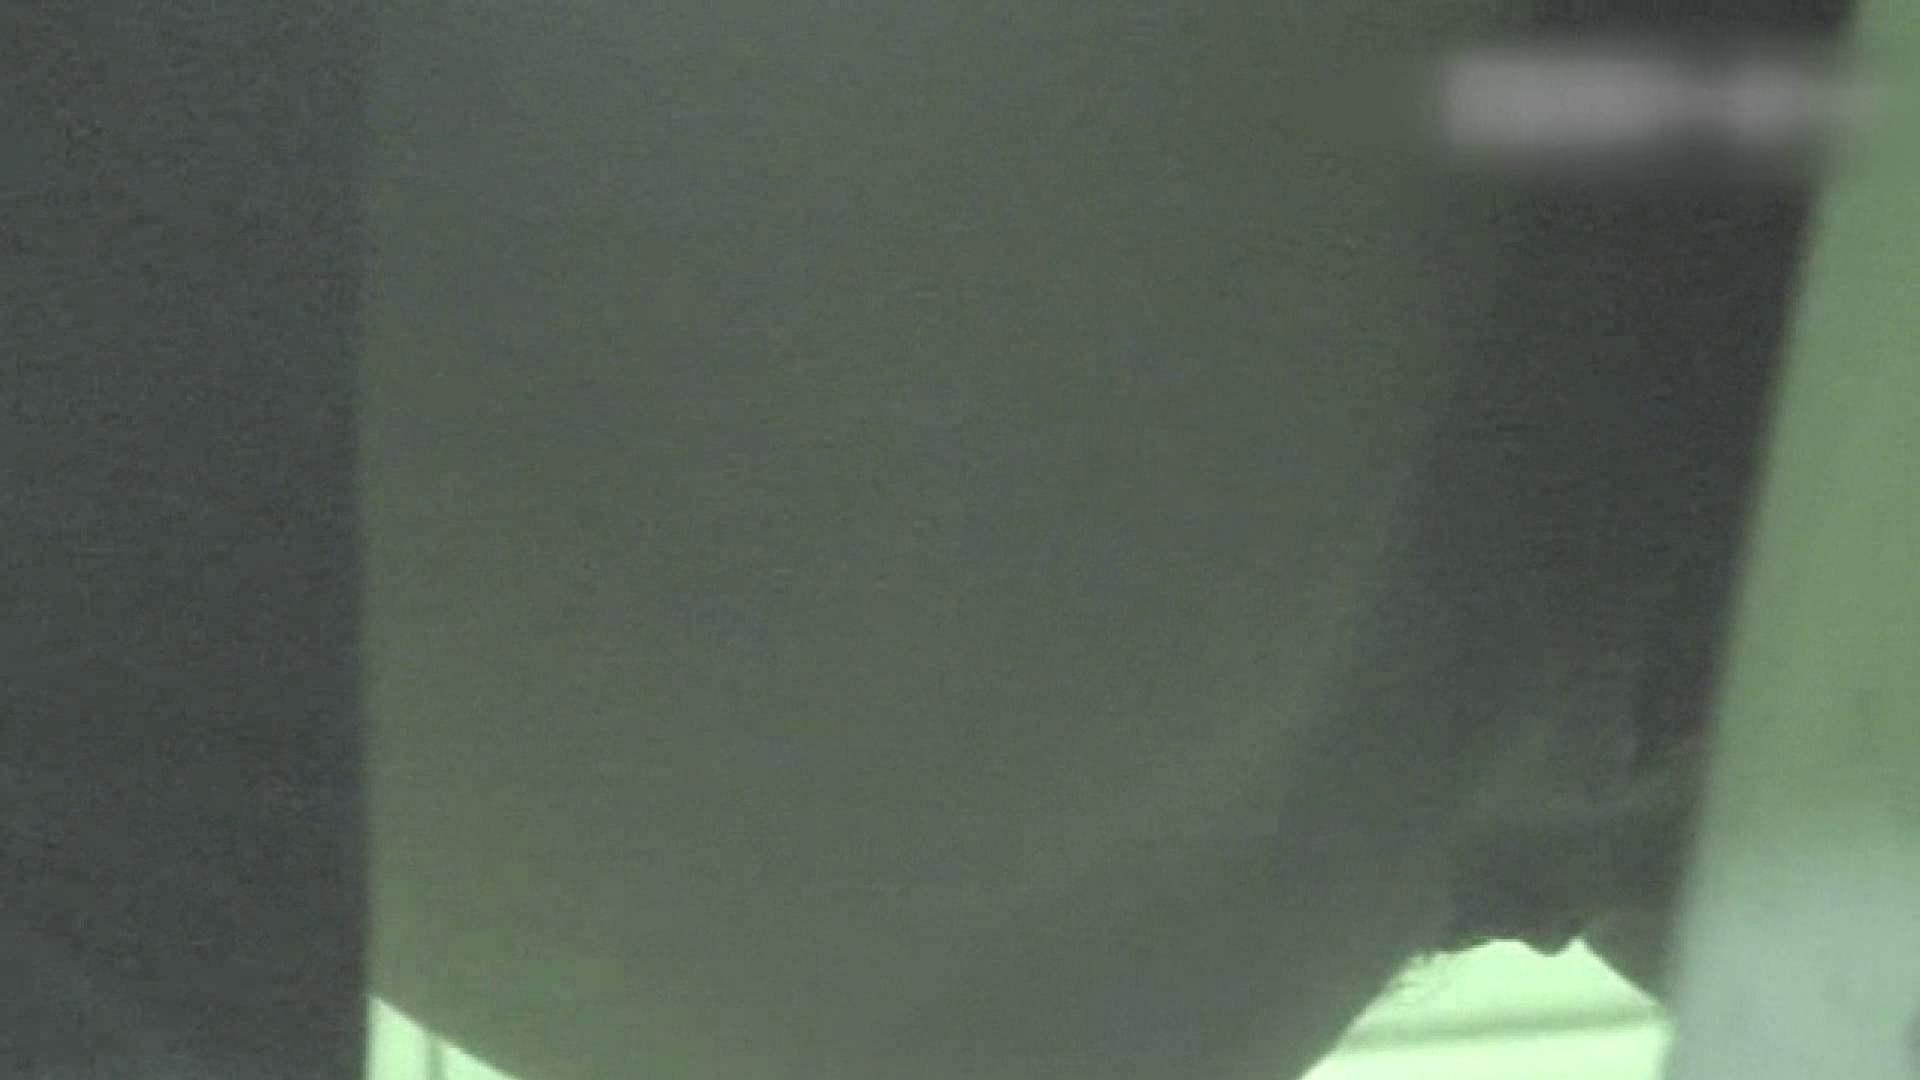 ロックハンドさんの盗撮記録File.11 厠の中で 盗撮画像 9枚 4